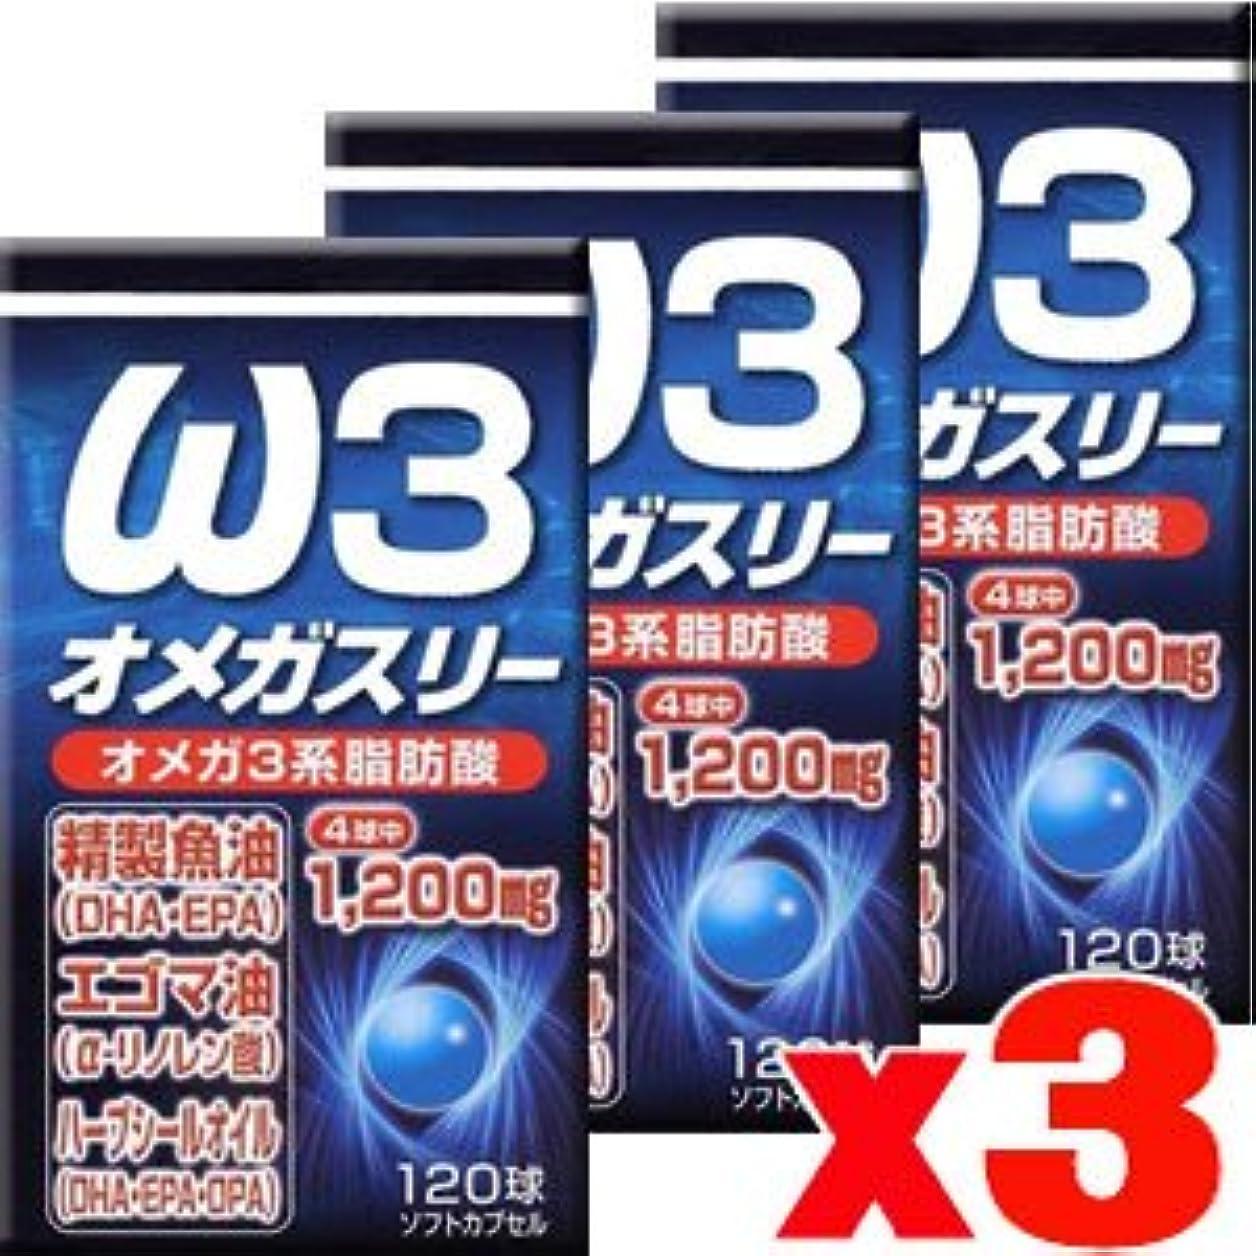 劣る機械的リードユウキ製薬 オメガスリー 120球x3個(4524326201898)